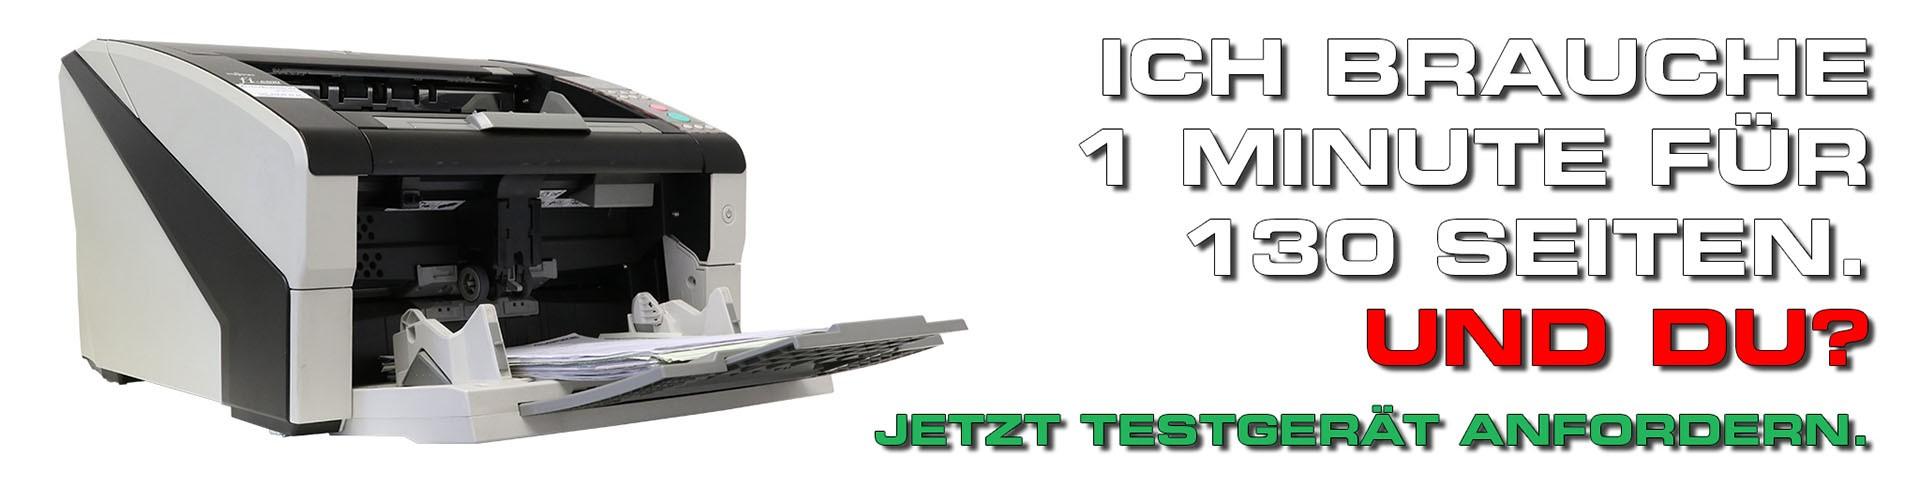 Professionelle Hochleistungsscanner für alle Anforderungen